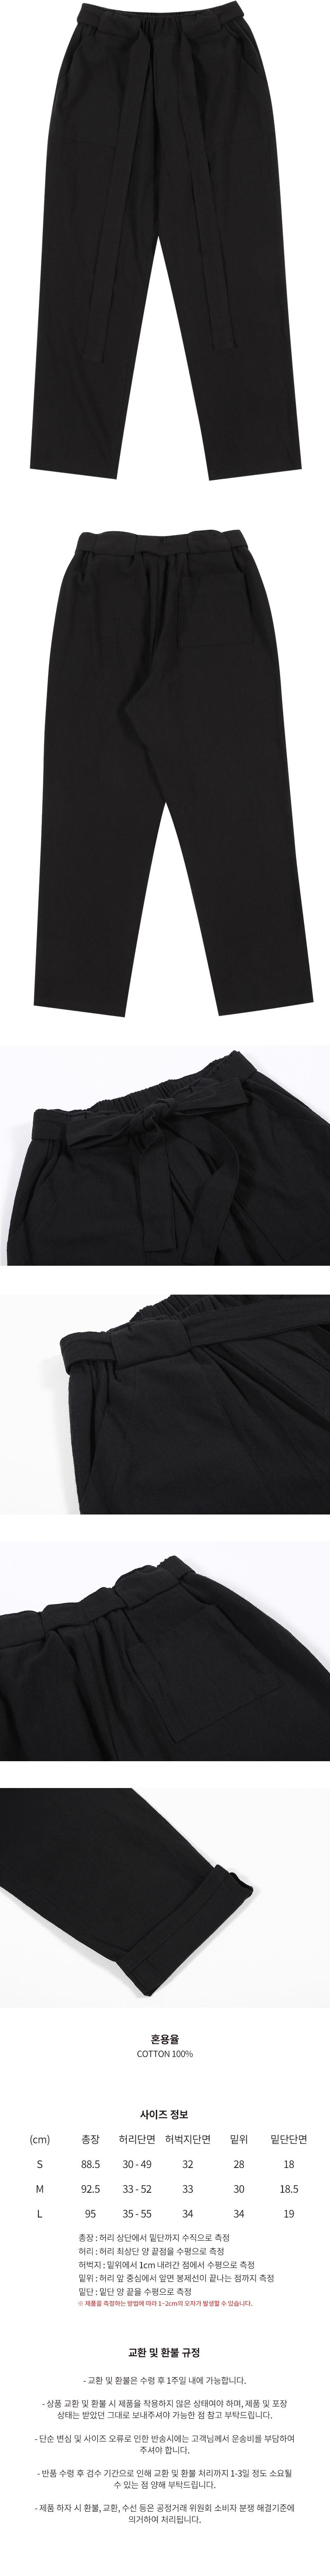 프레리(PRAIRIE) [UNISEX] 아웃포켓 와이드 슬랙스 (BLACK)